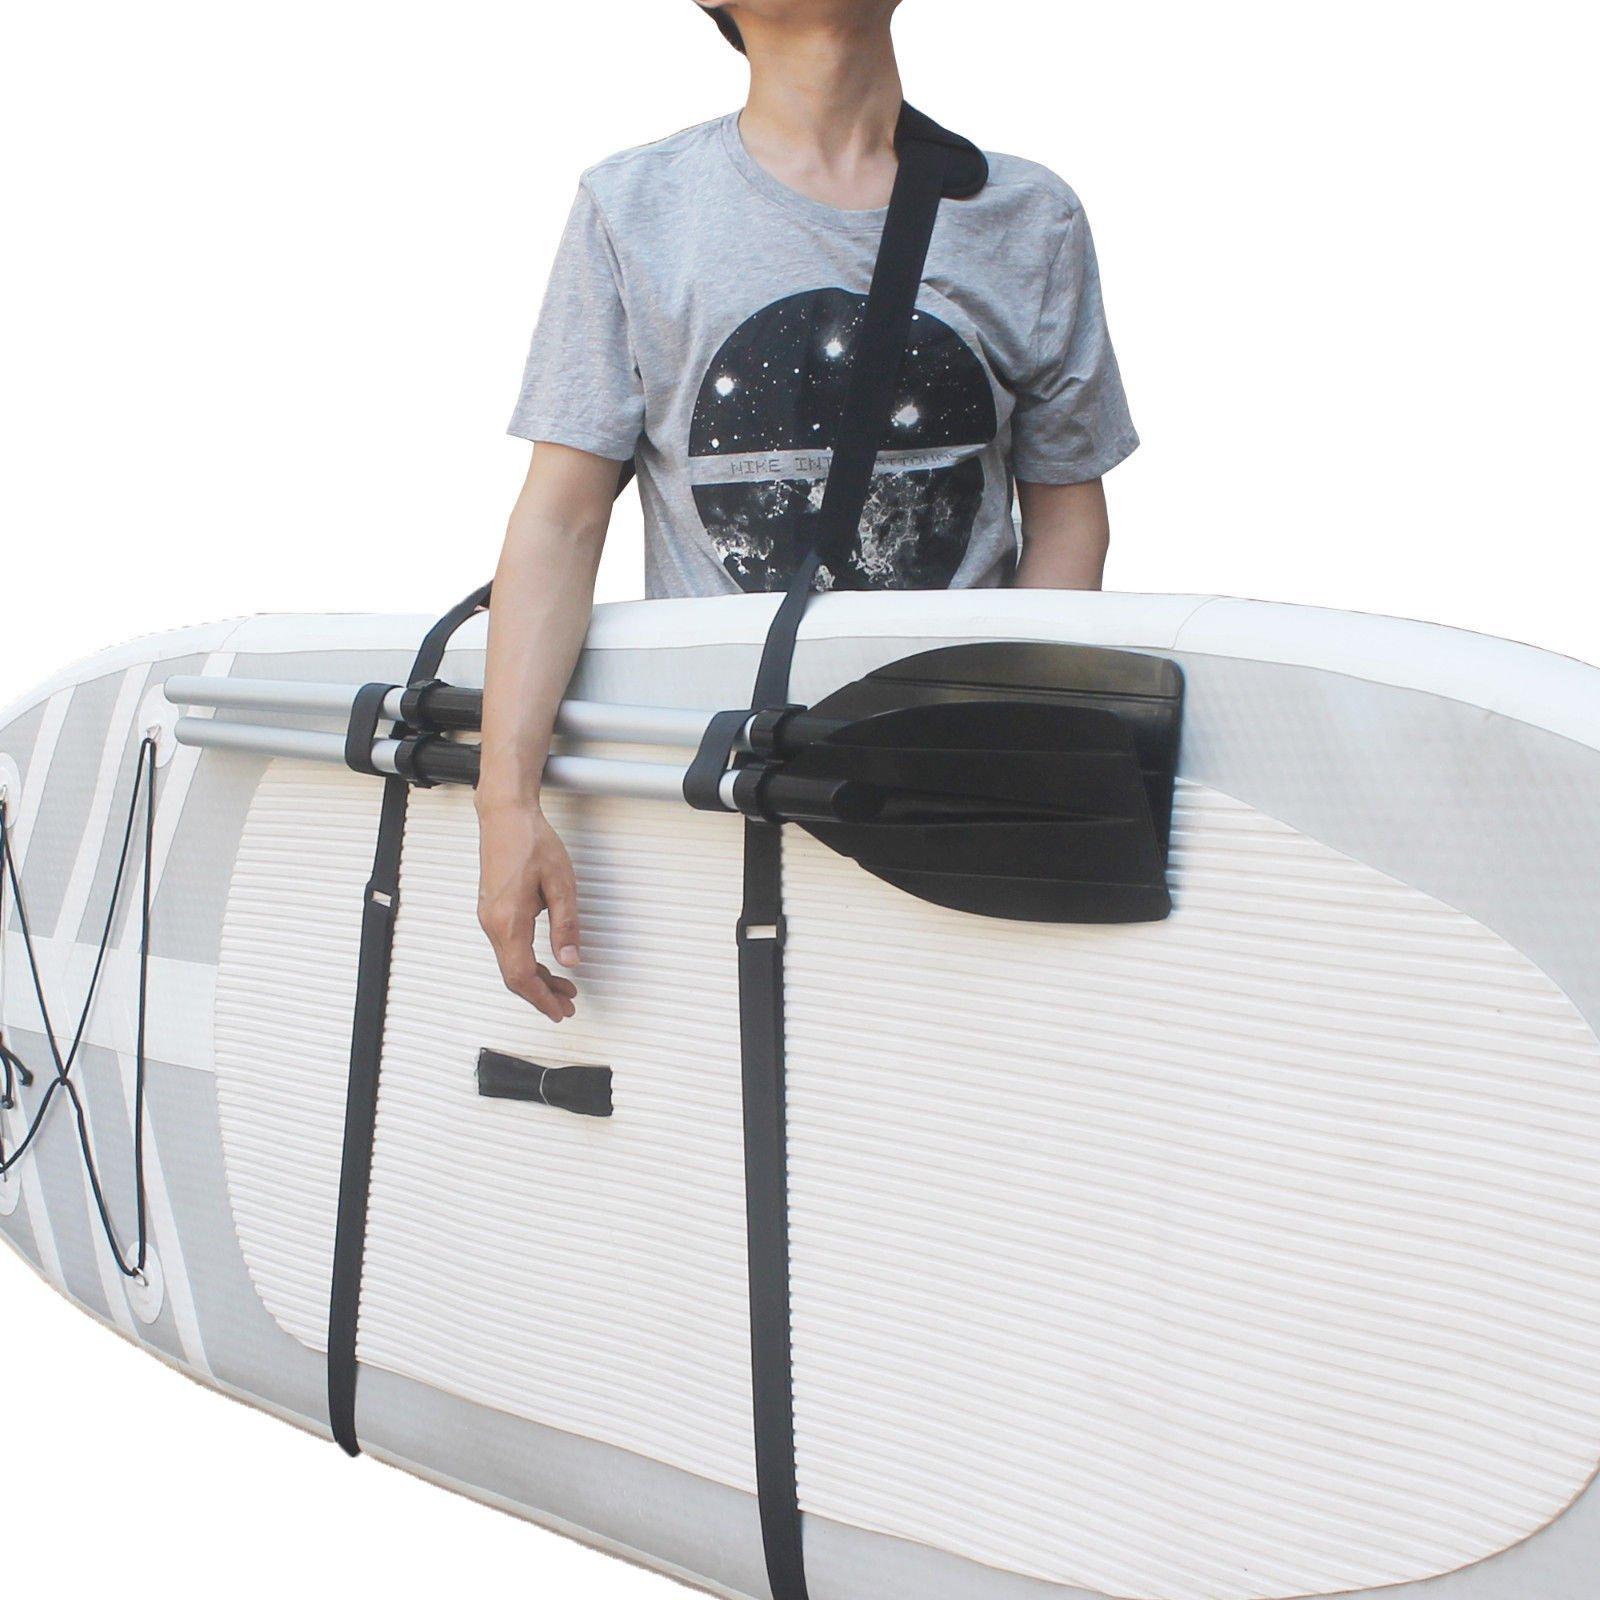 FidgetFidget Carrier Carry Strap Surfboard Shoulder Strap paddleboard shoulder Carrier